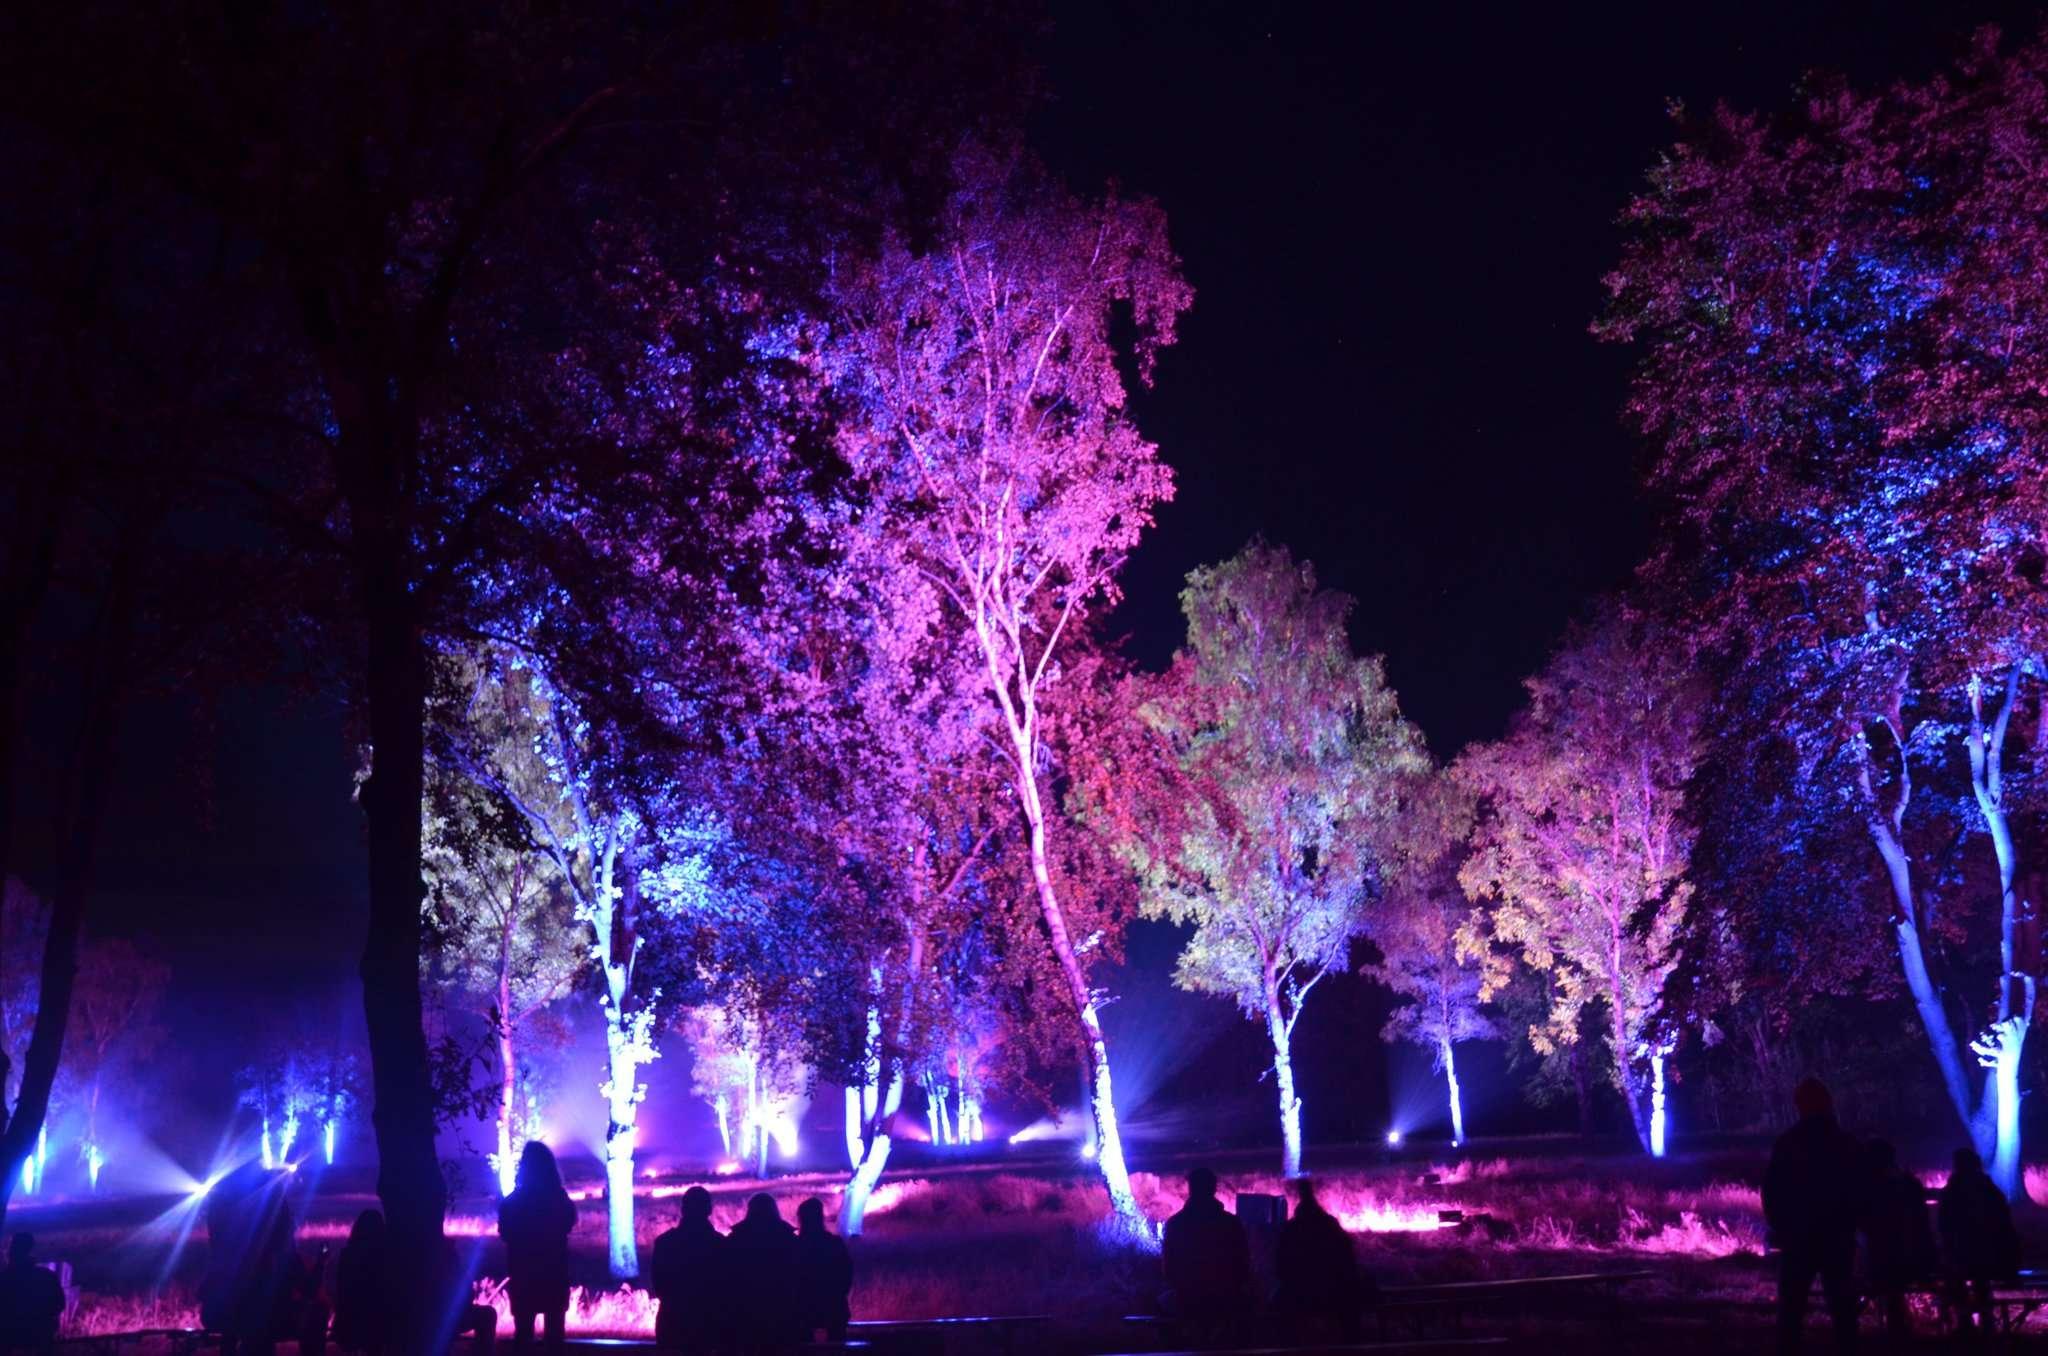 Das Heidezauber-Gelände in Schneverdingen leuchtet fünf Nächte lang in den buntesten Farben. Das Rahmenprogramm sorgt zudem für kulturelle Unterhaltung.